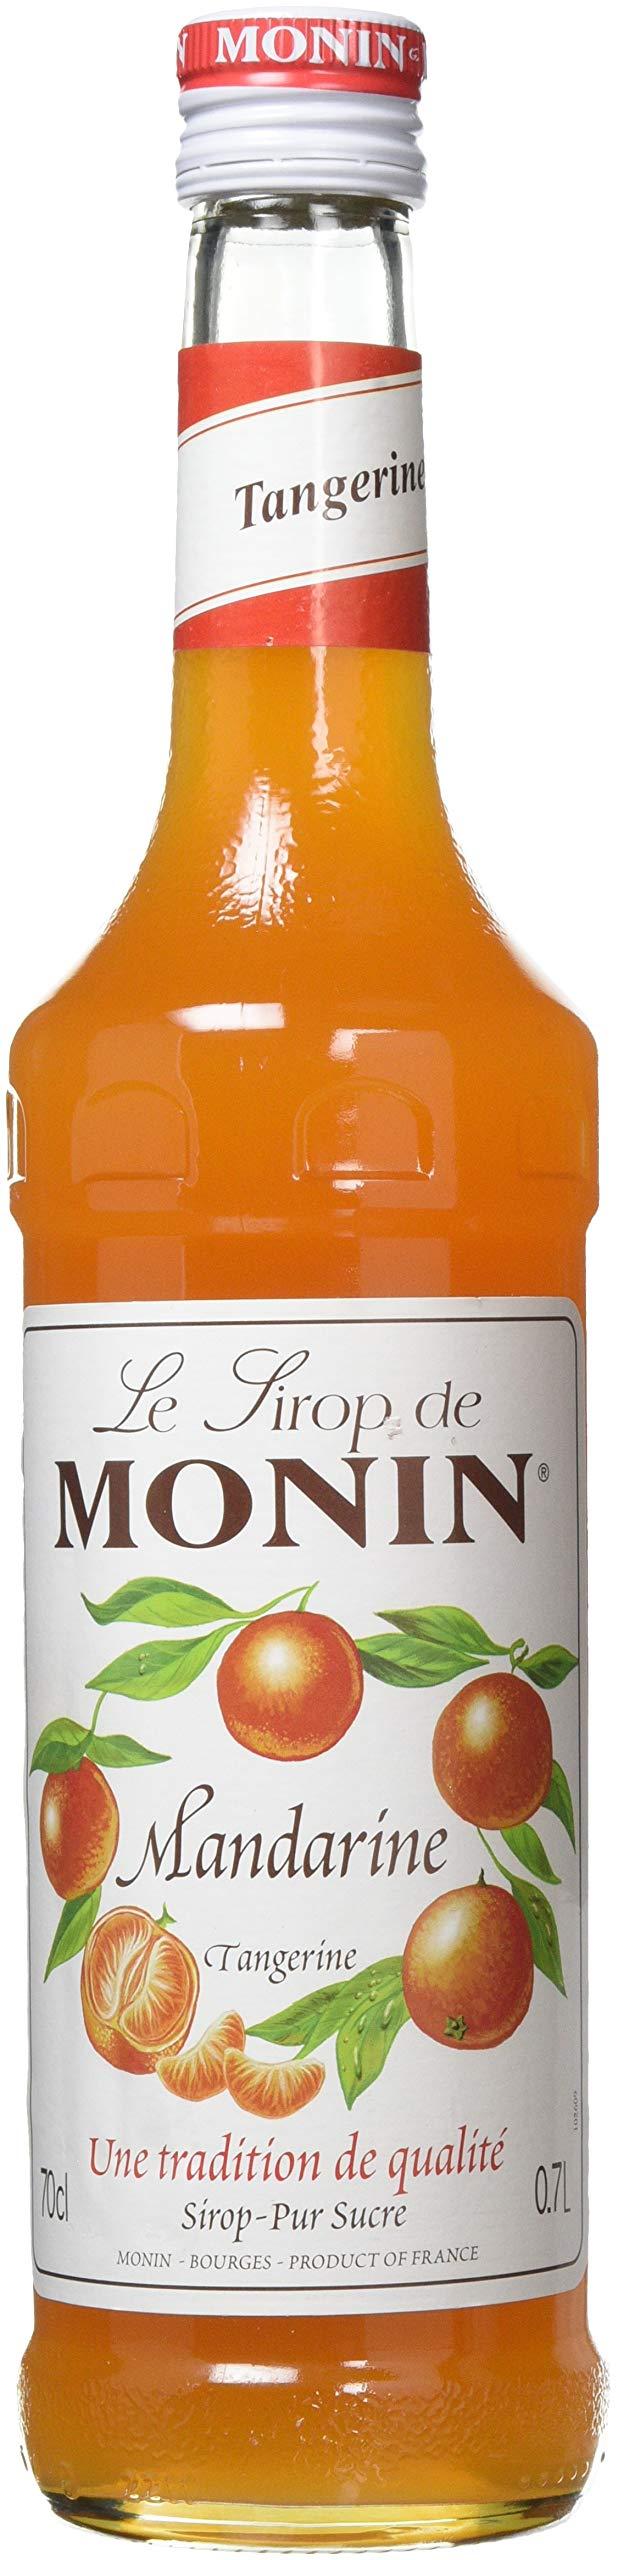 Monin-Tangerine-70cl-Bottle